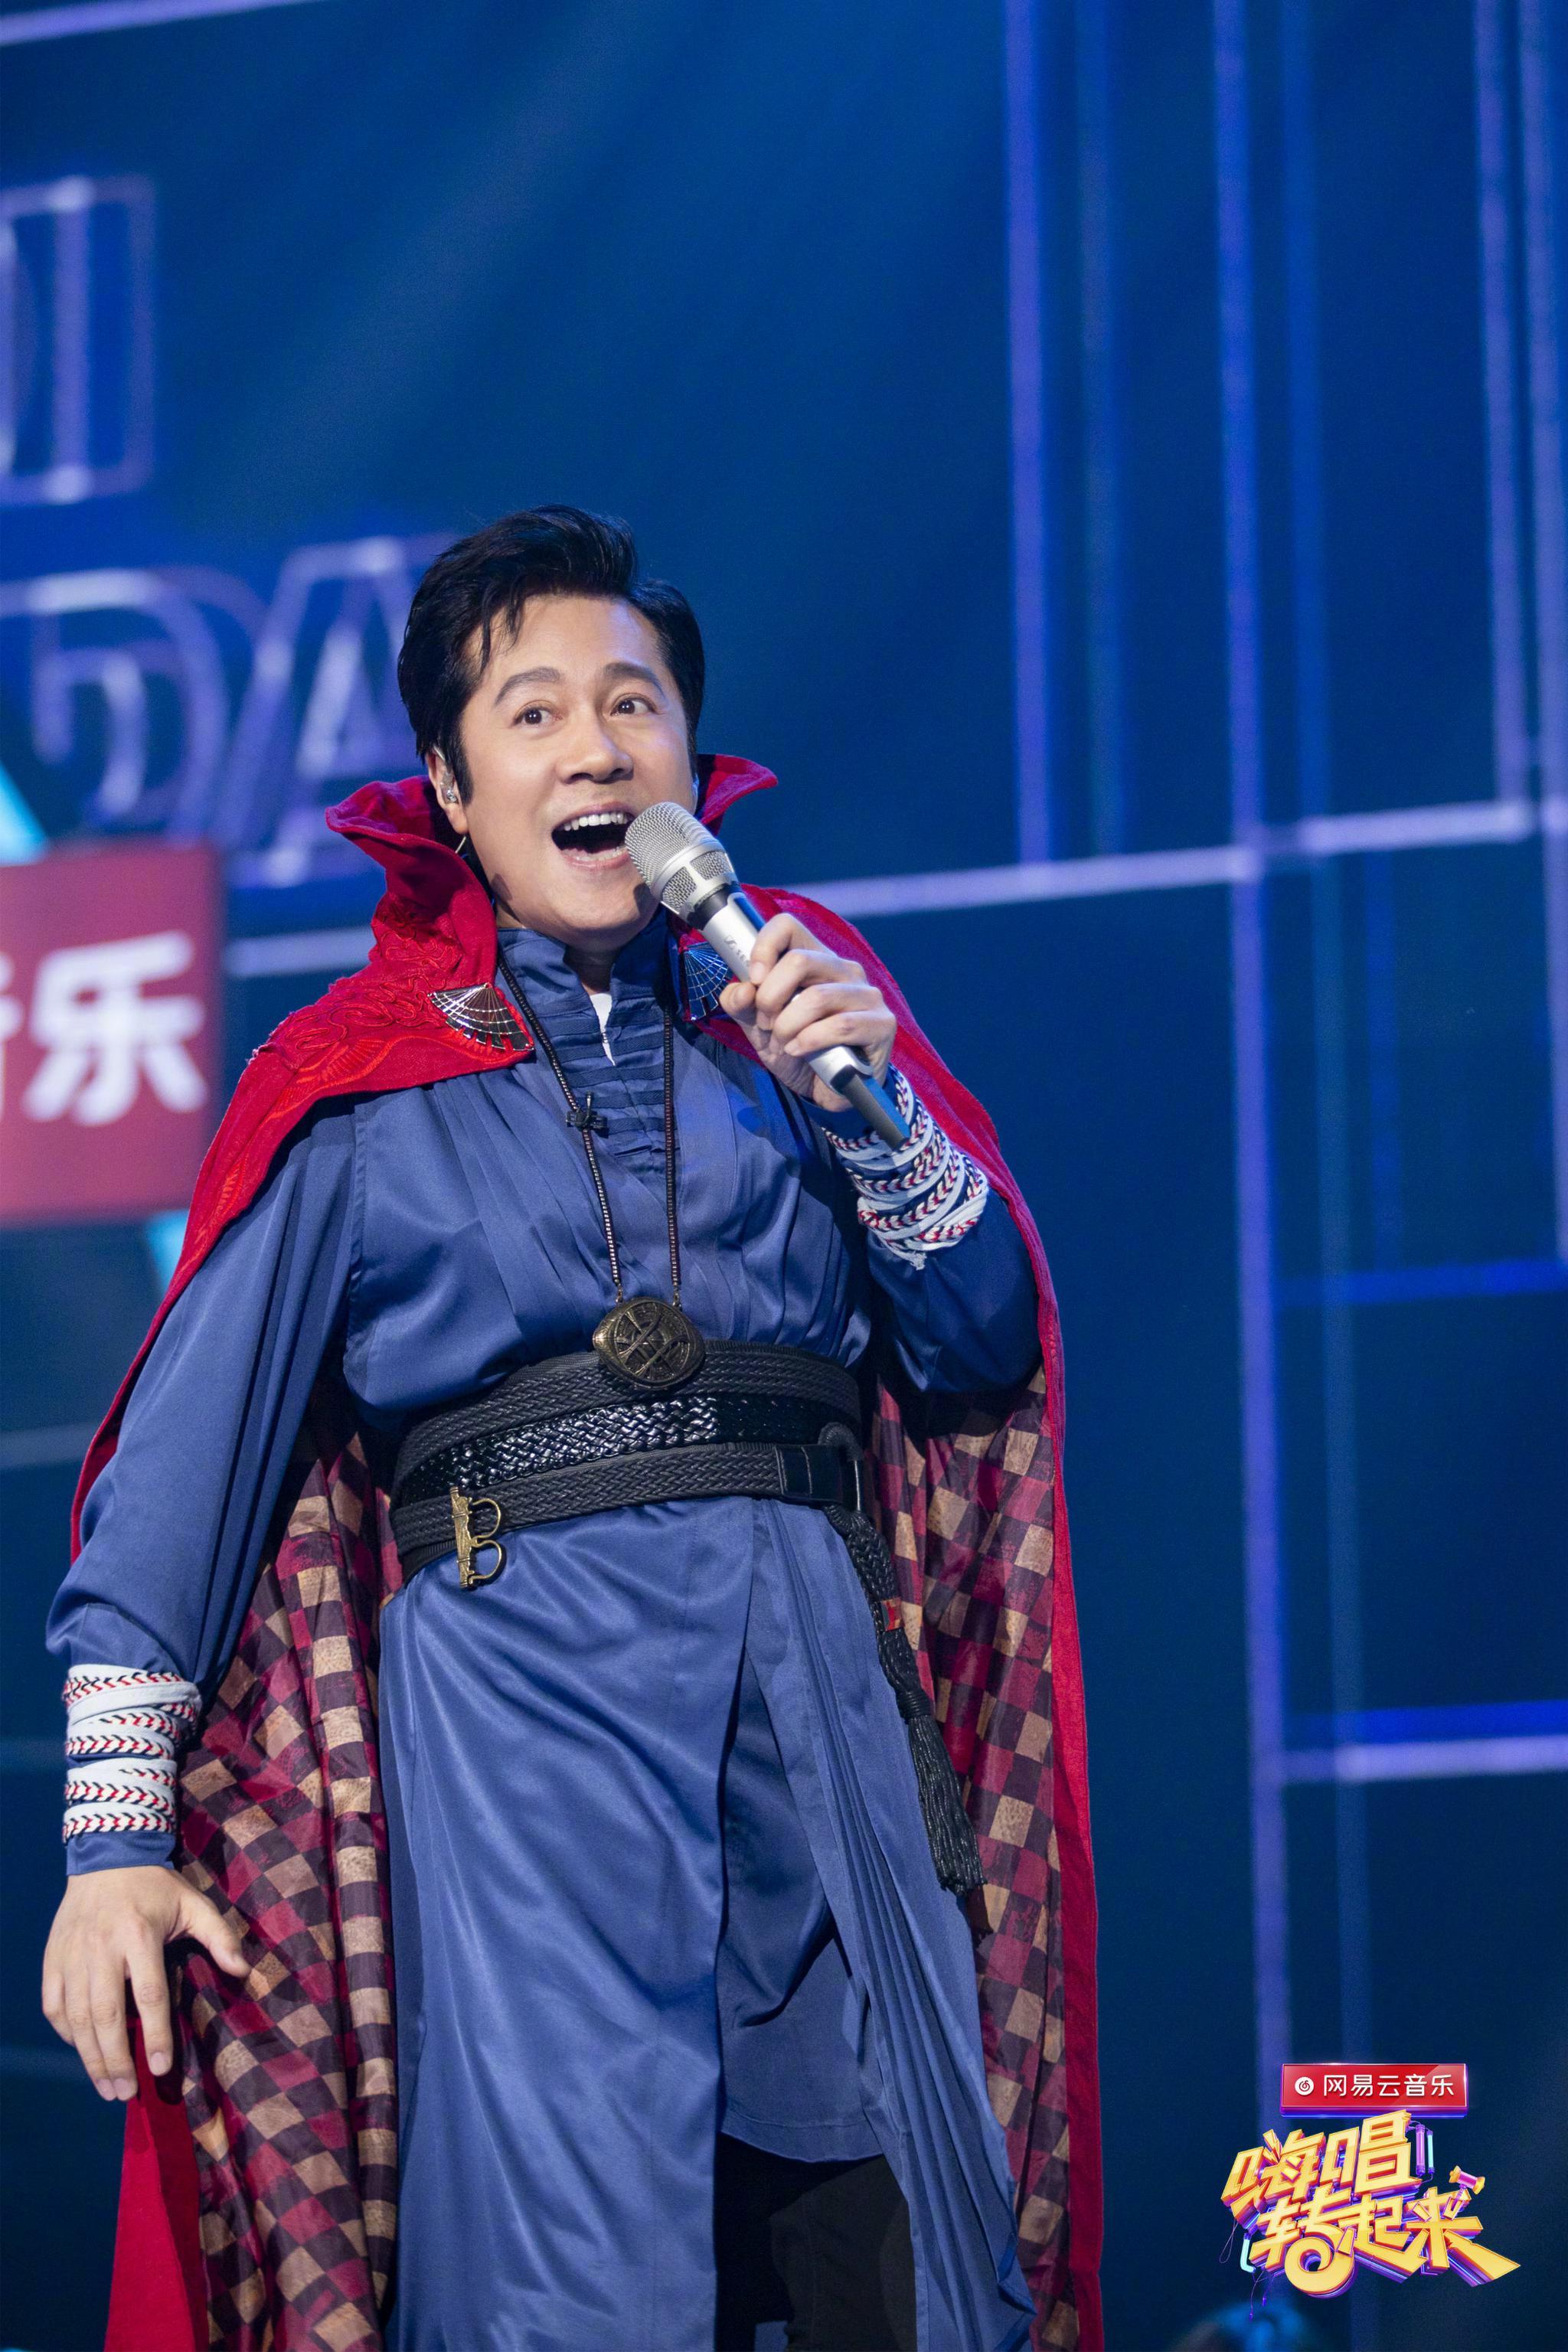 蔡国庆一袭红斗篷变成奇异博士,动不动就要用魔法把大张伟转走